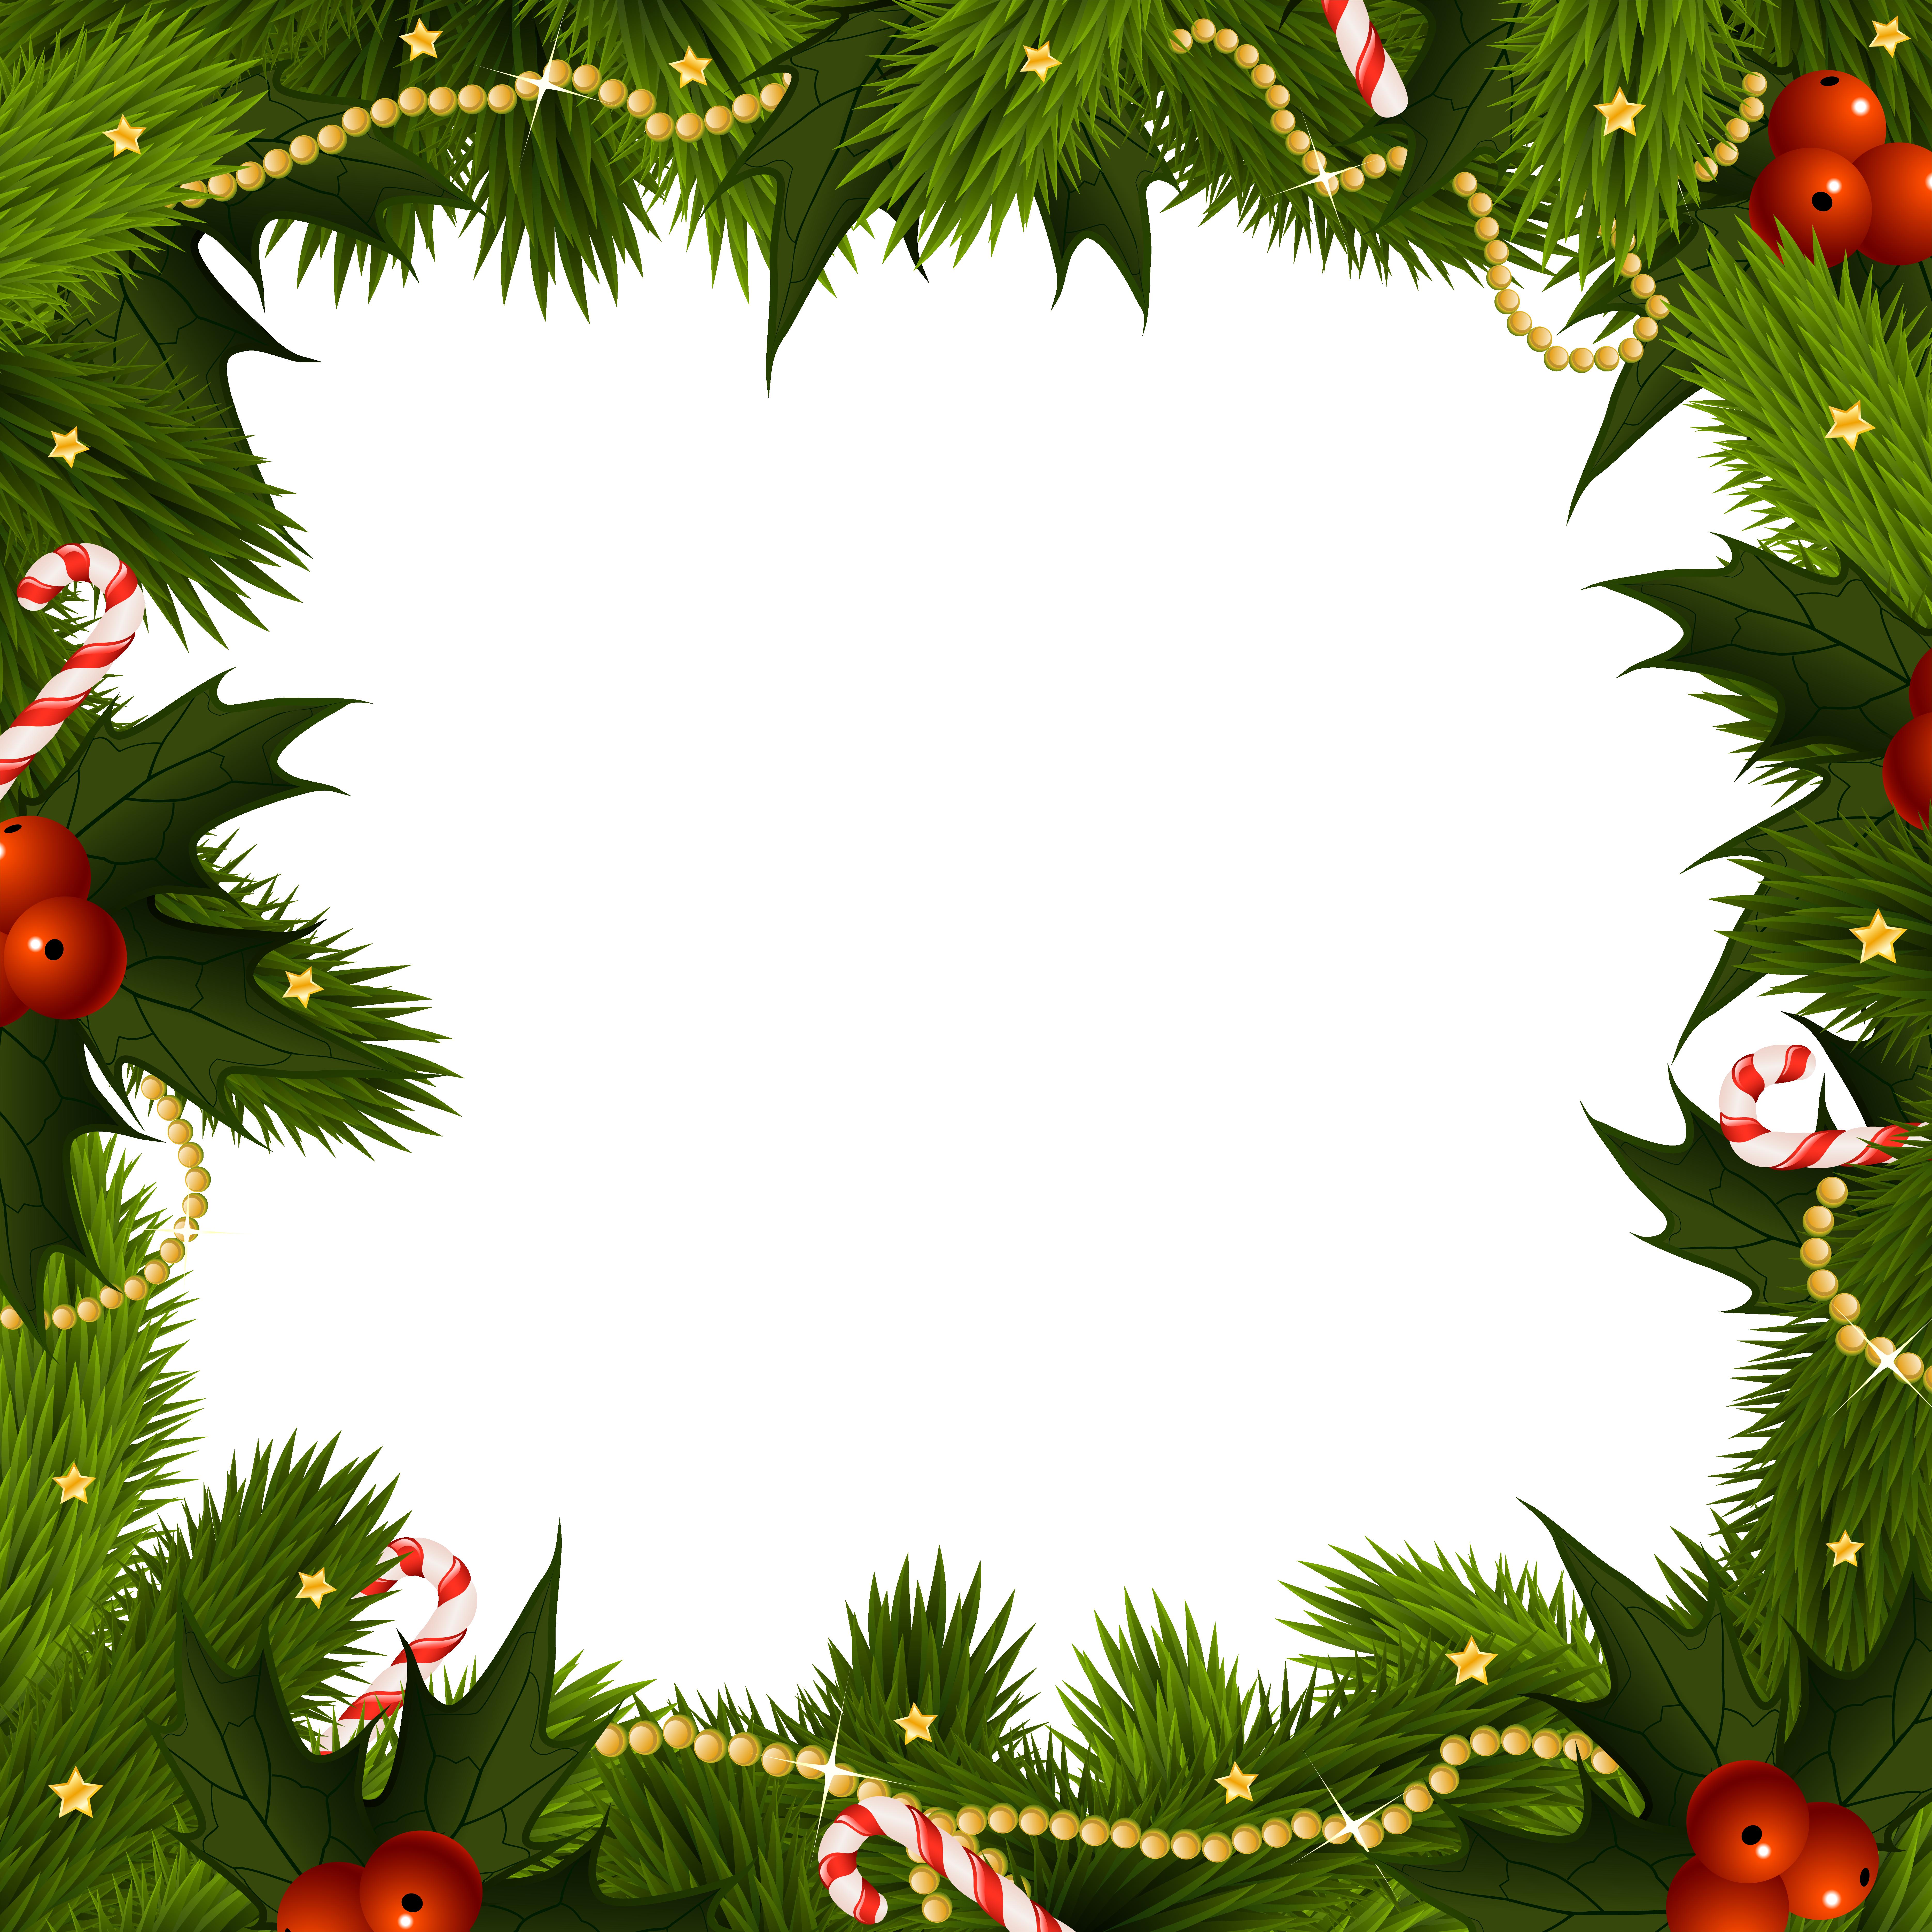 Transparent Christmas Border PNG Frame.